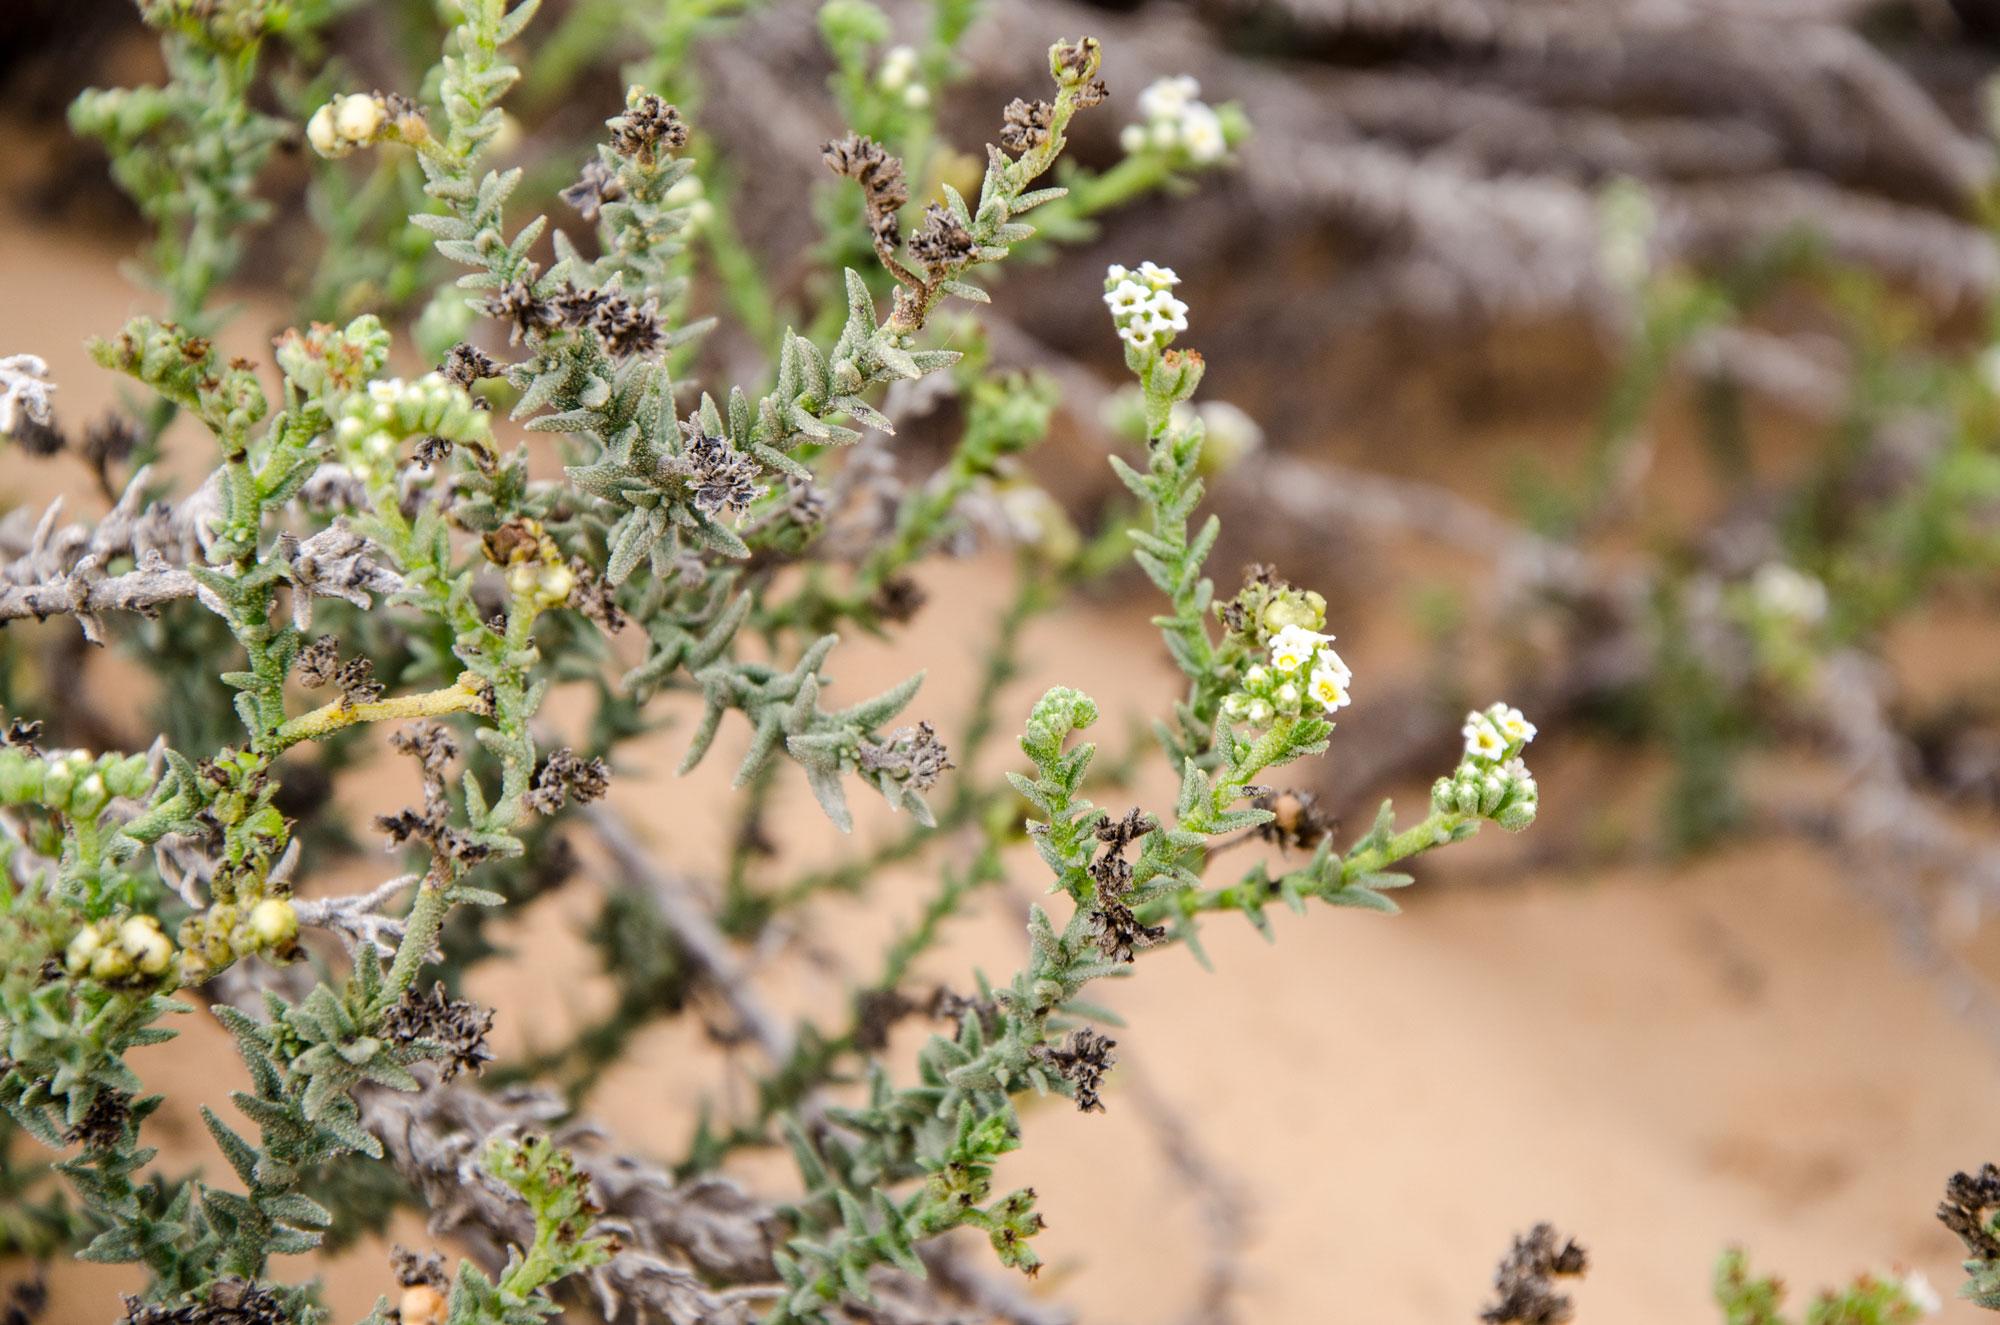 In der Wahiba gibt es deutlich mehr Vegetation als in der Rub' Al-Khali. Foto: Lothar Ruttner